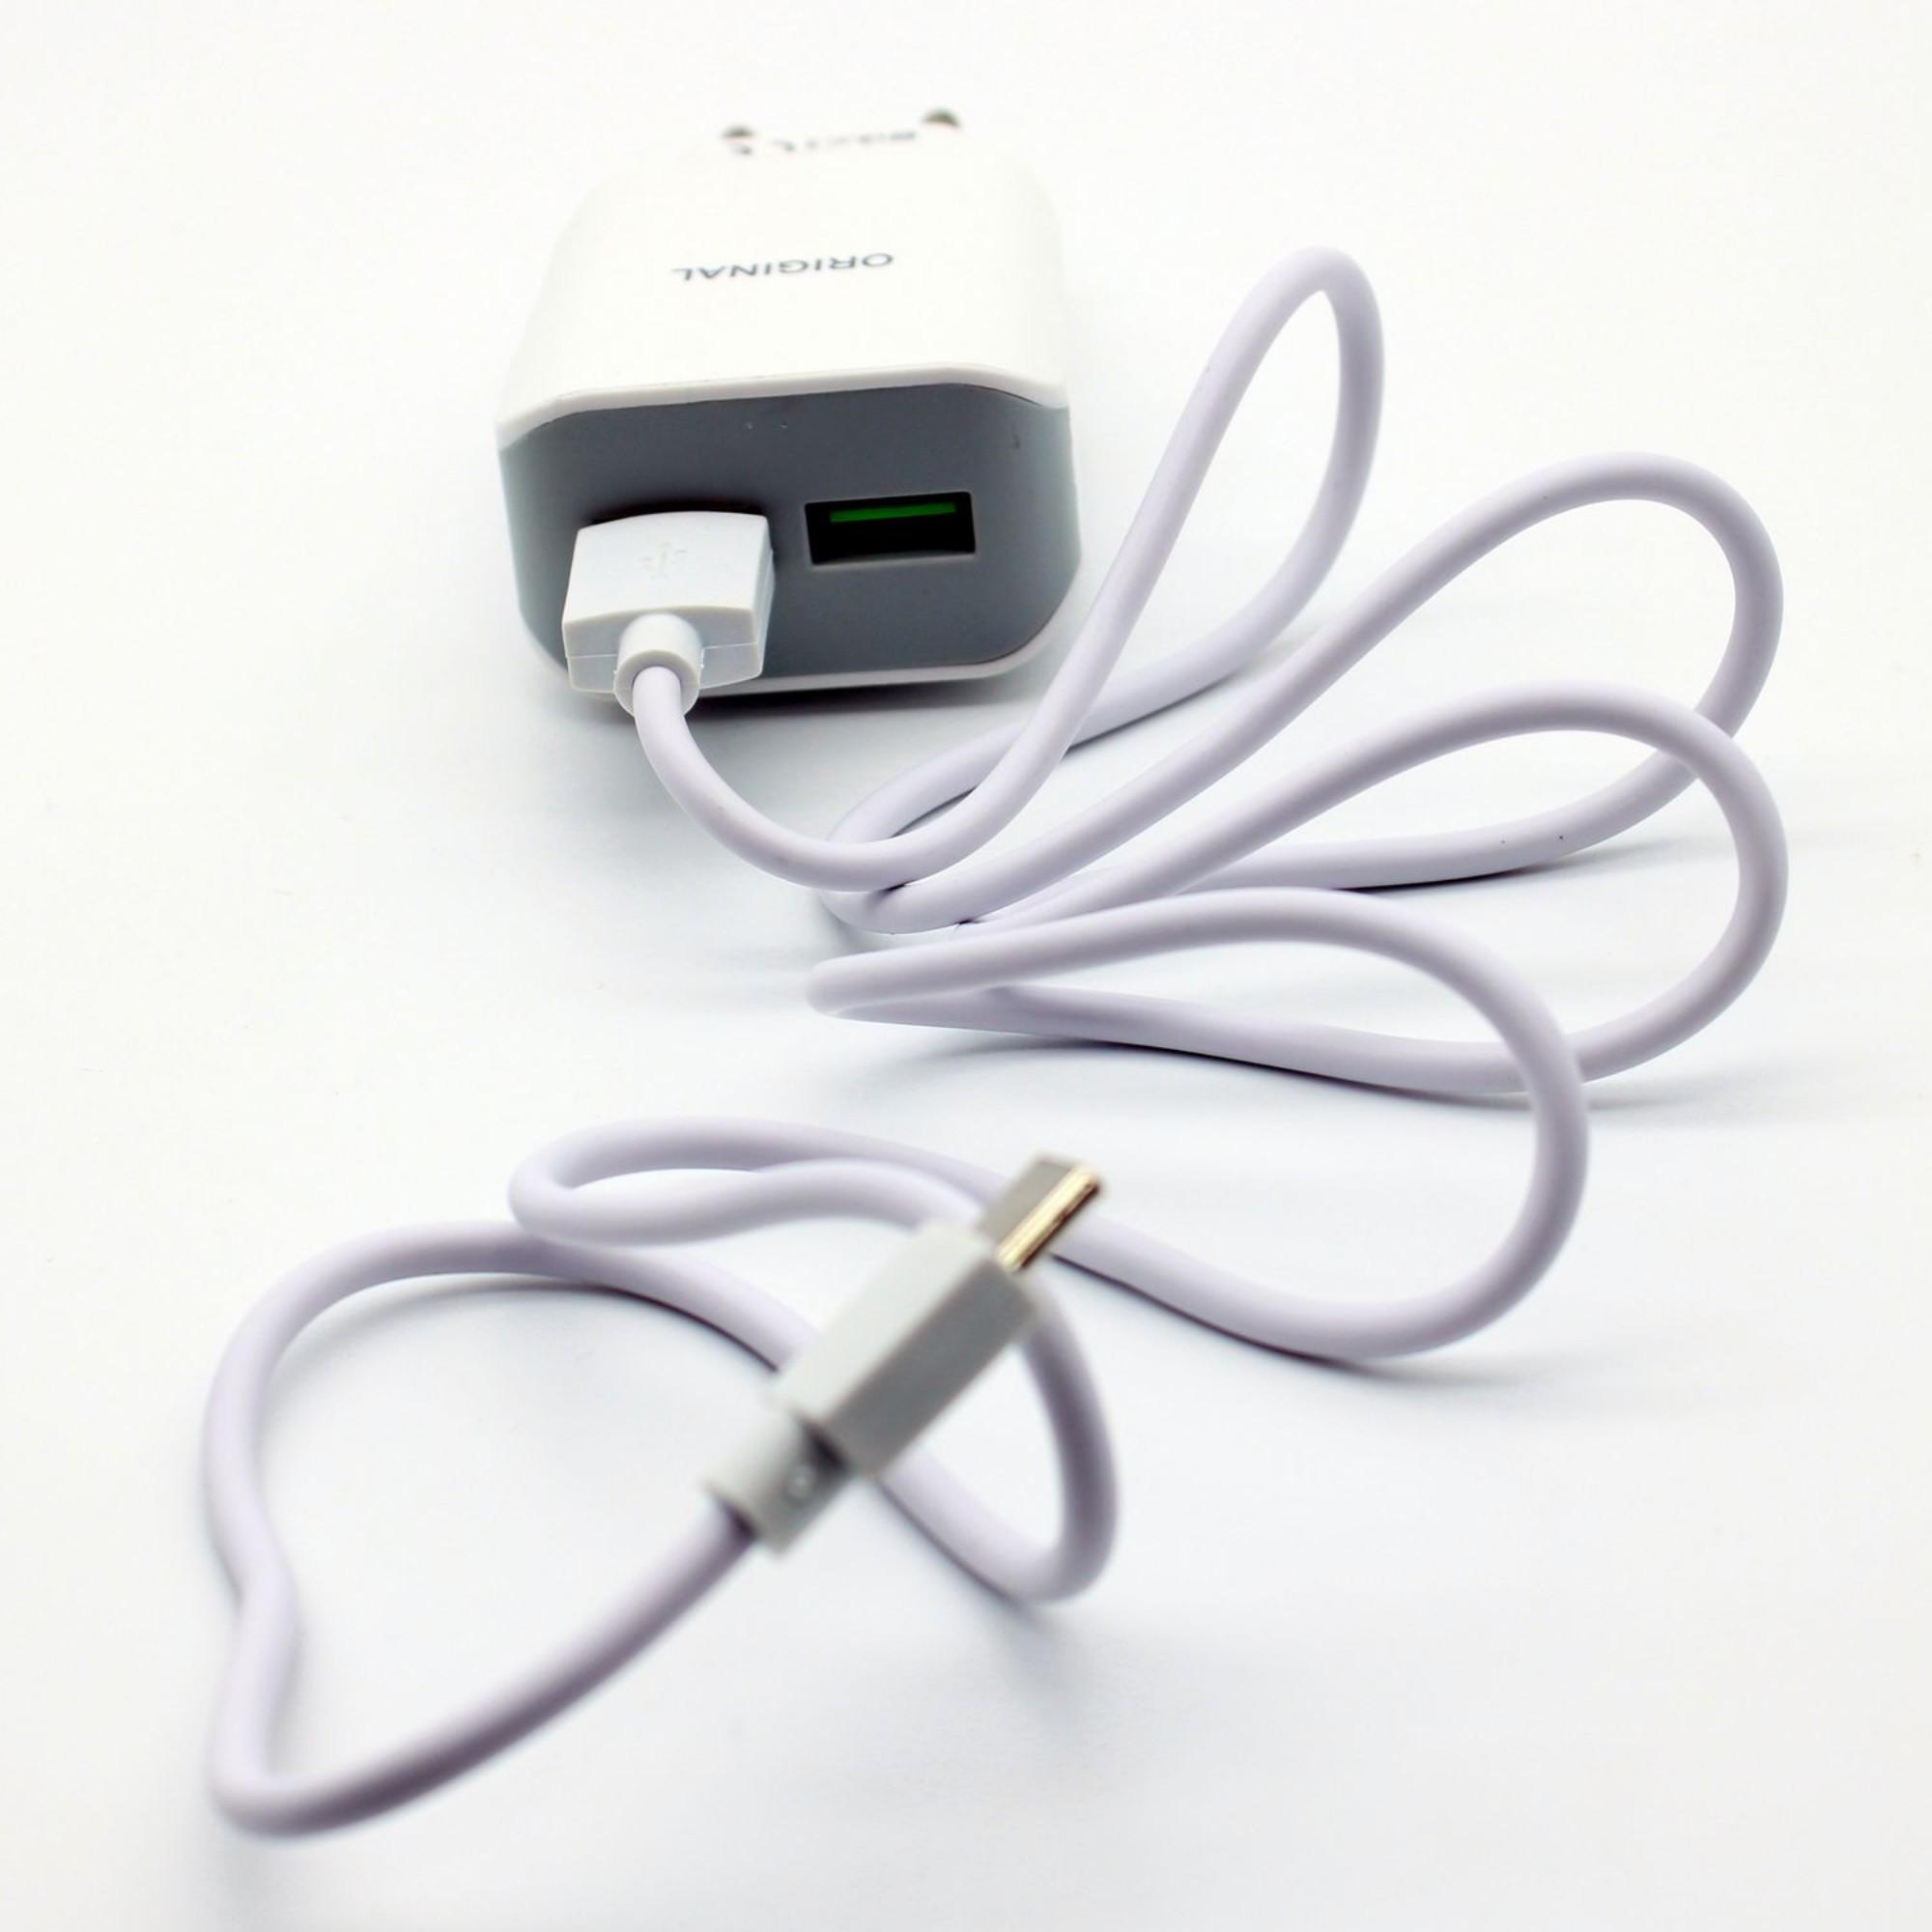 Carregador Tipo C Carga Rápida C/ Cabo USB